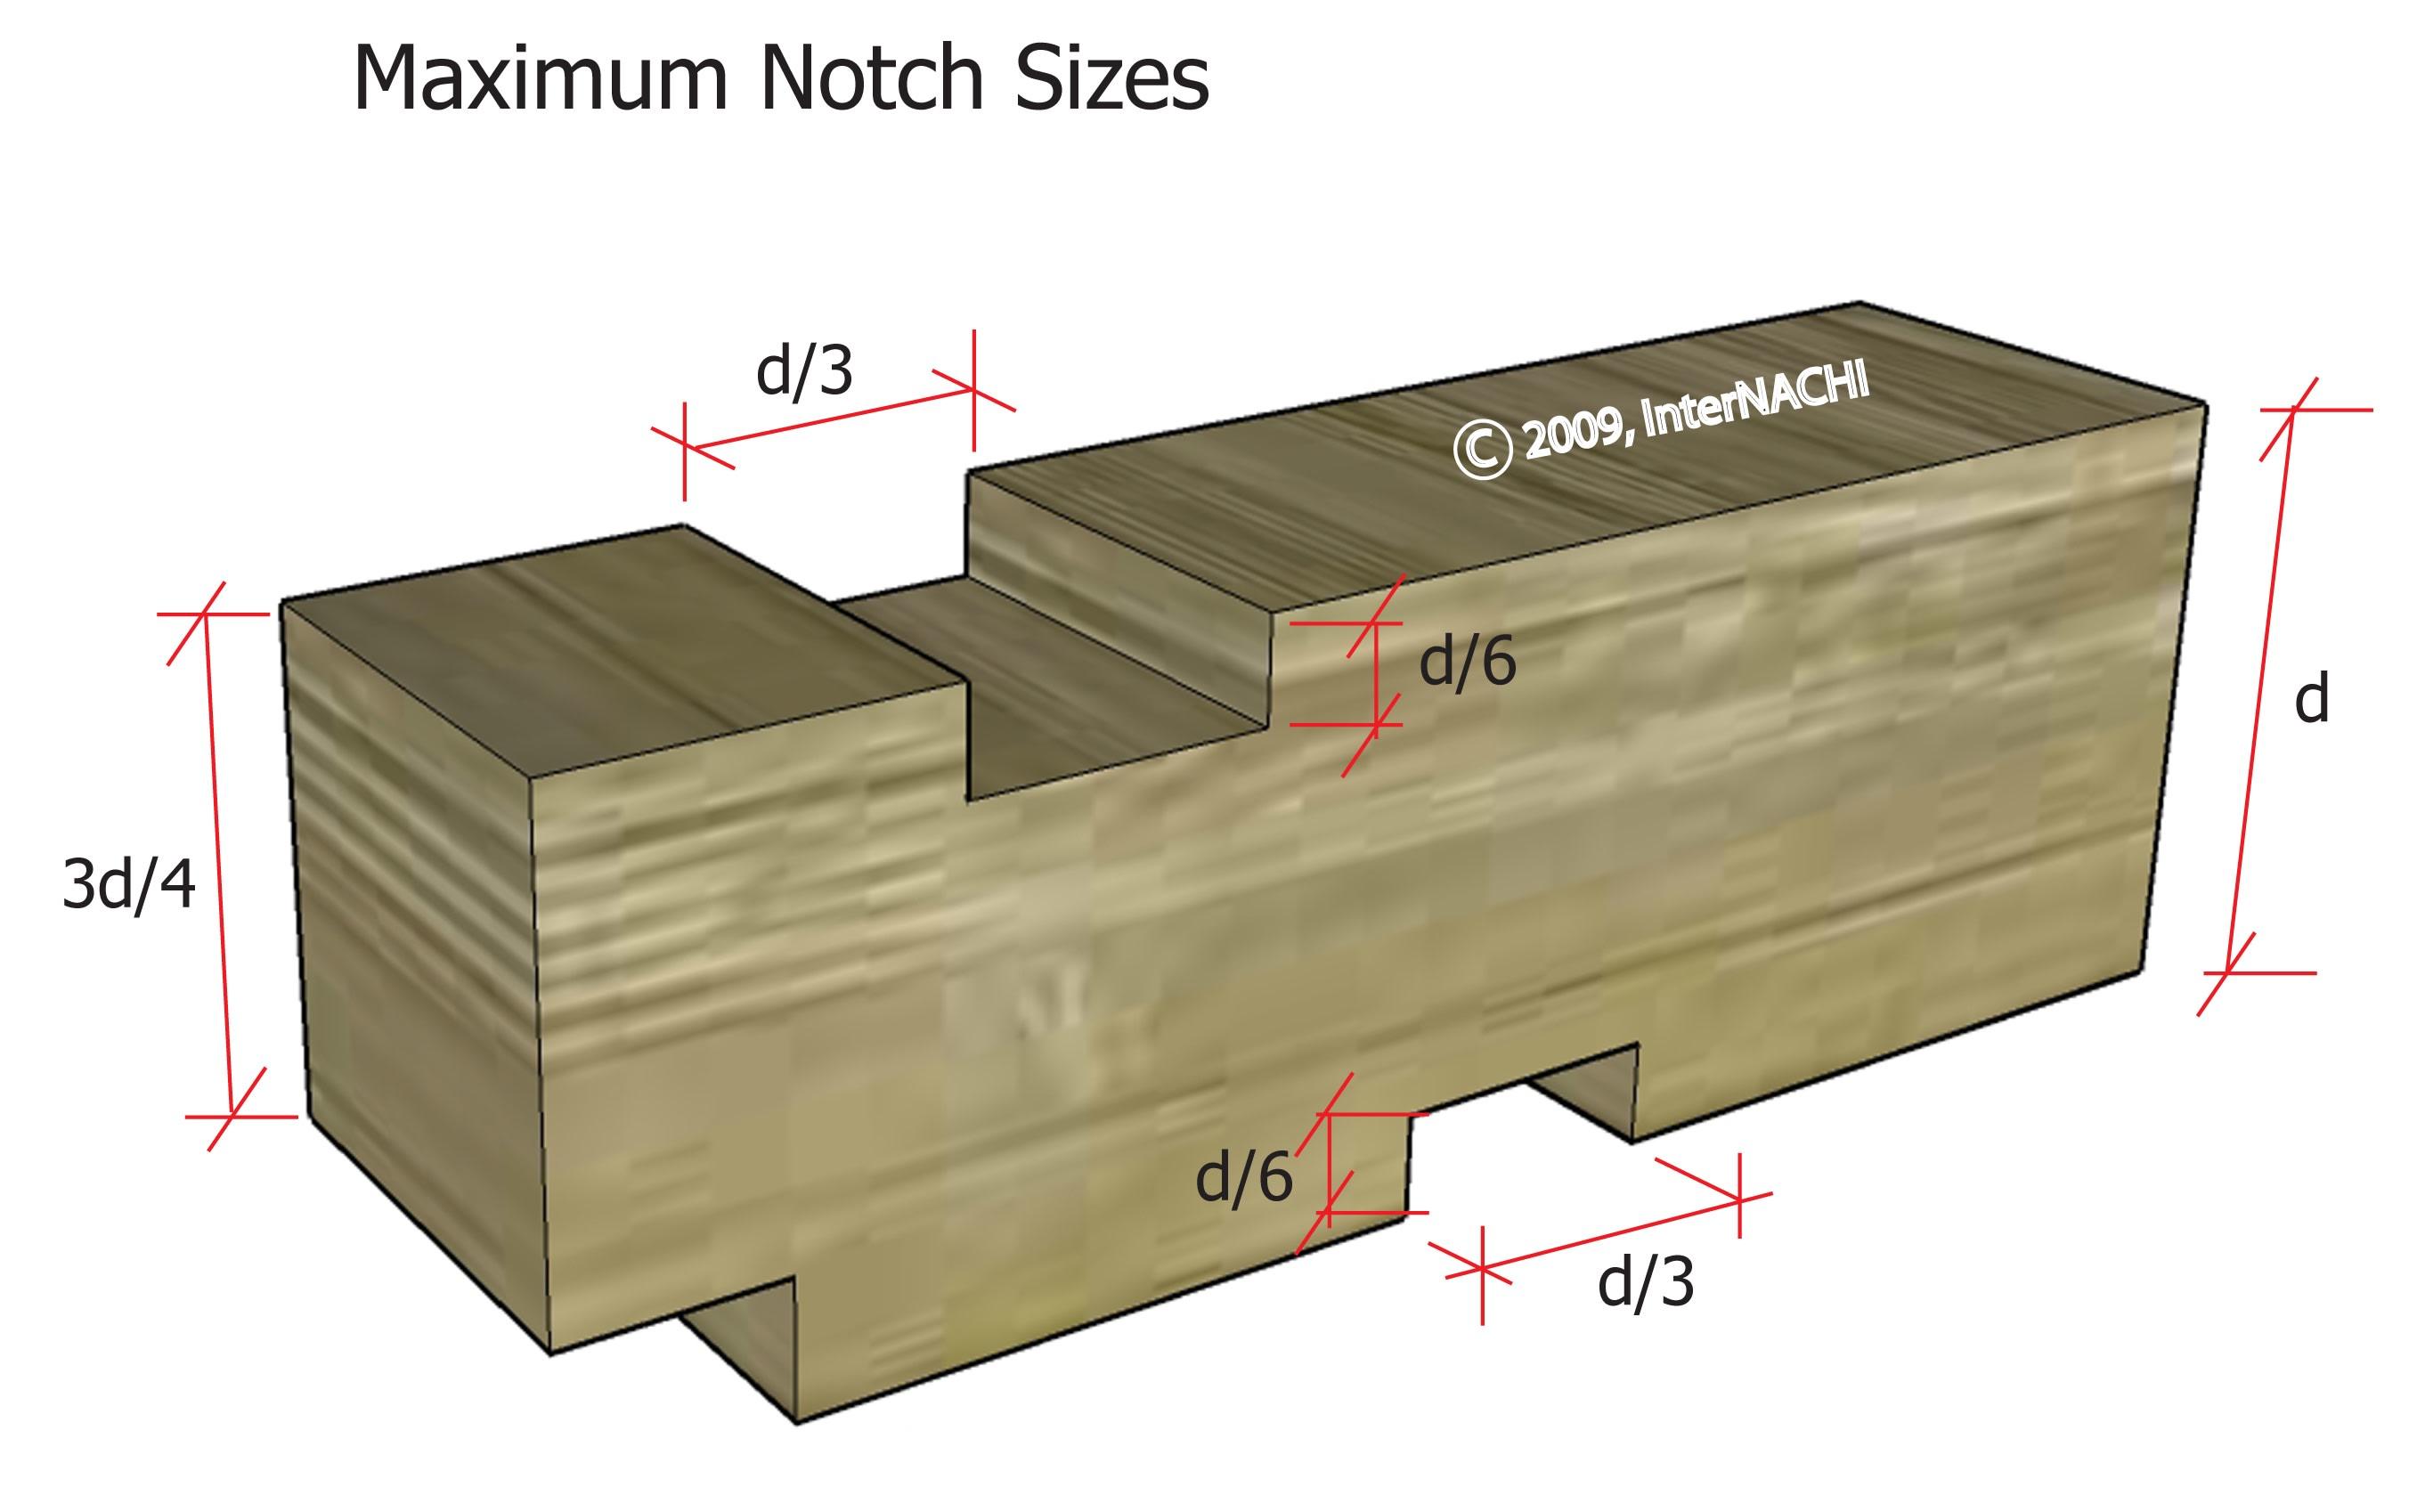 Maximum notch sizes.